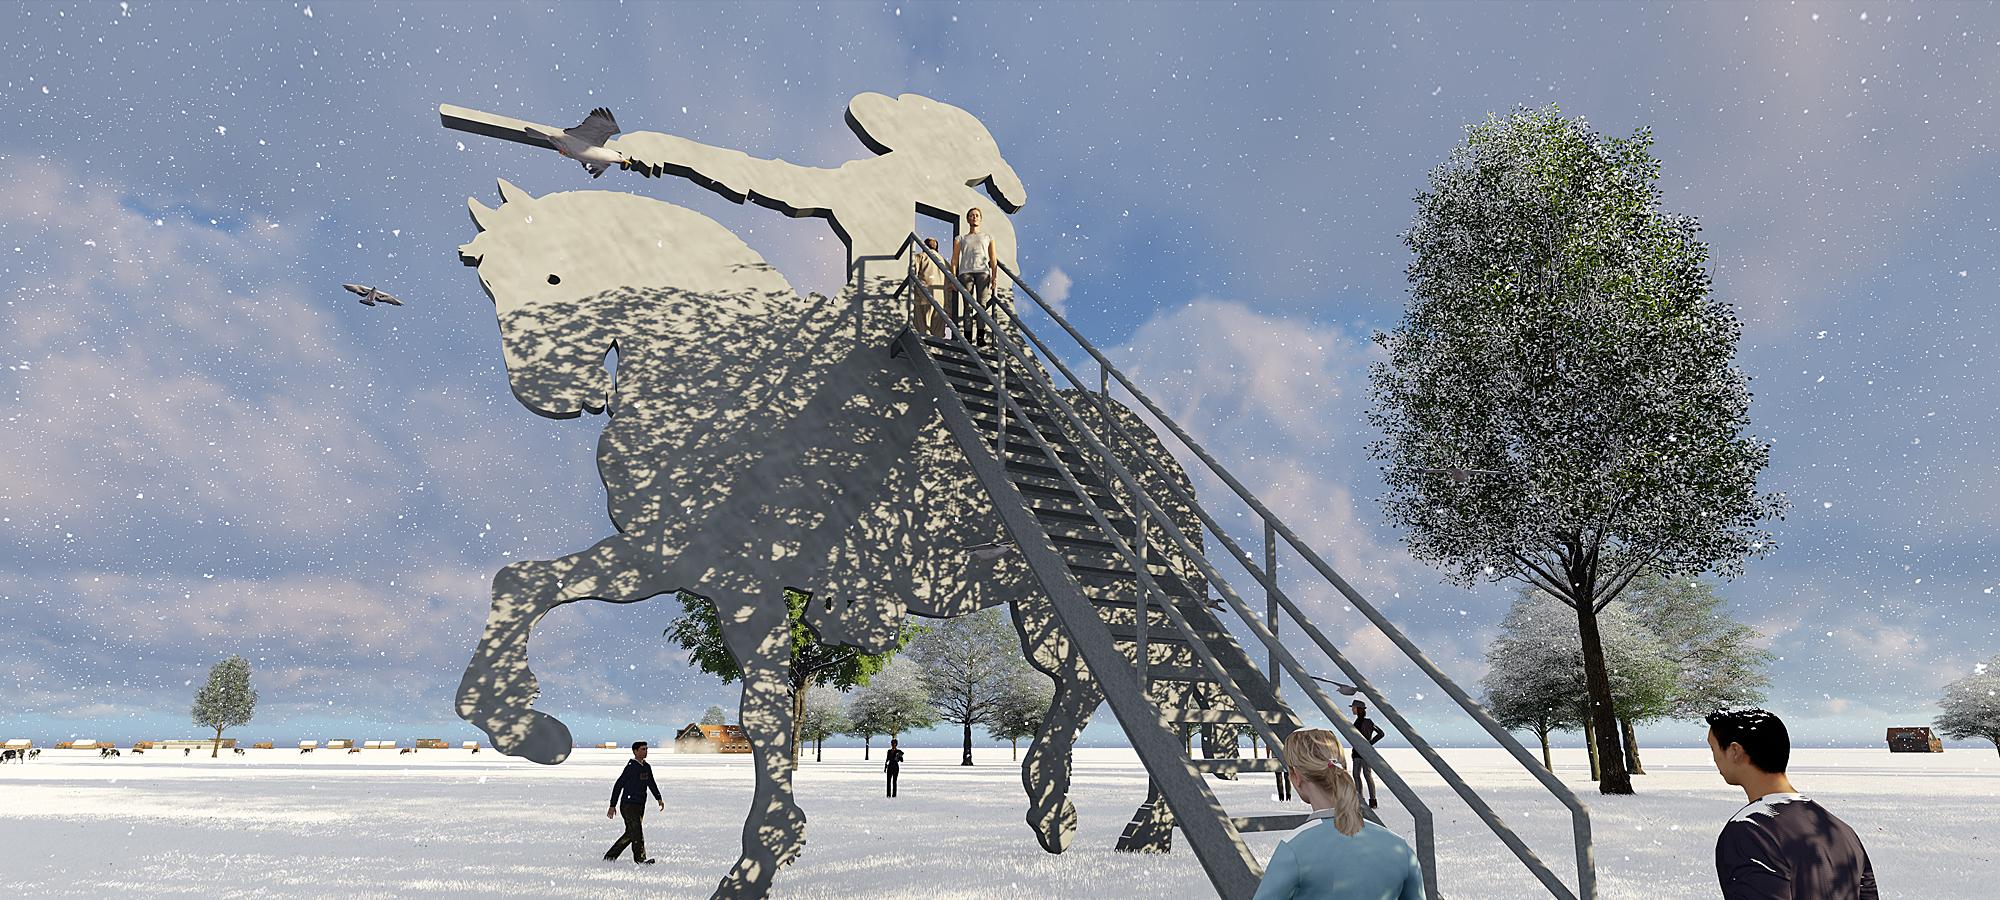 Public Art sculpture-Den Dungen Netherlands-design BlokLugthart